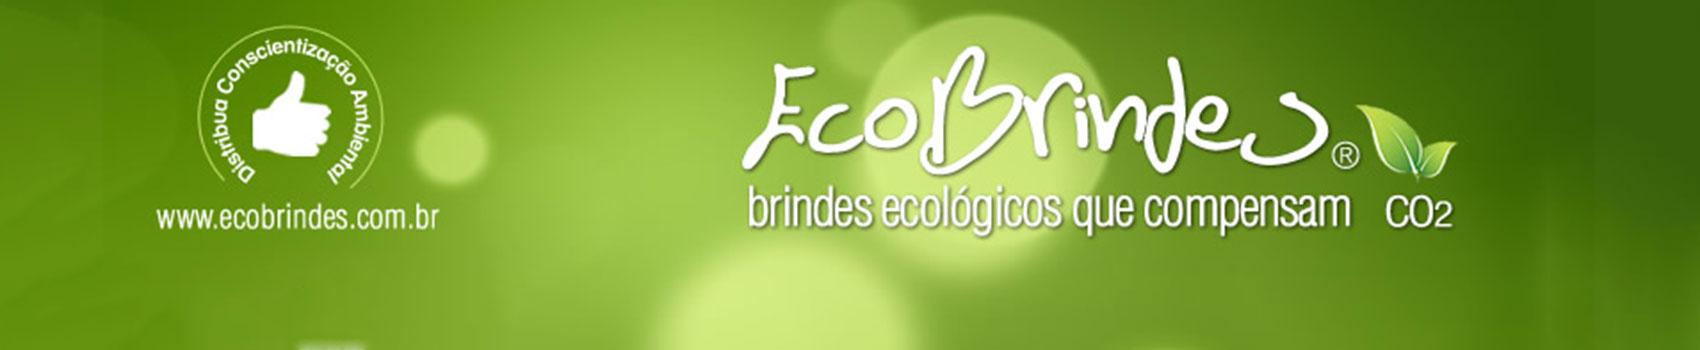 Ecobrindes